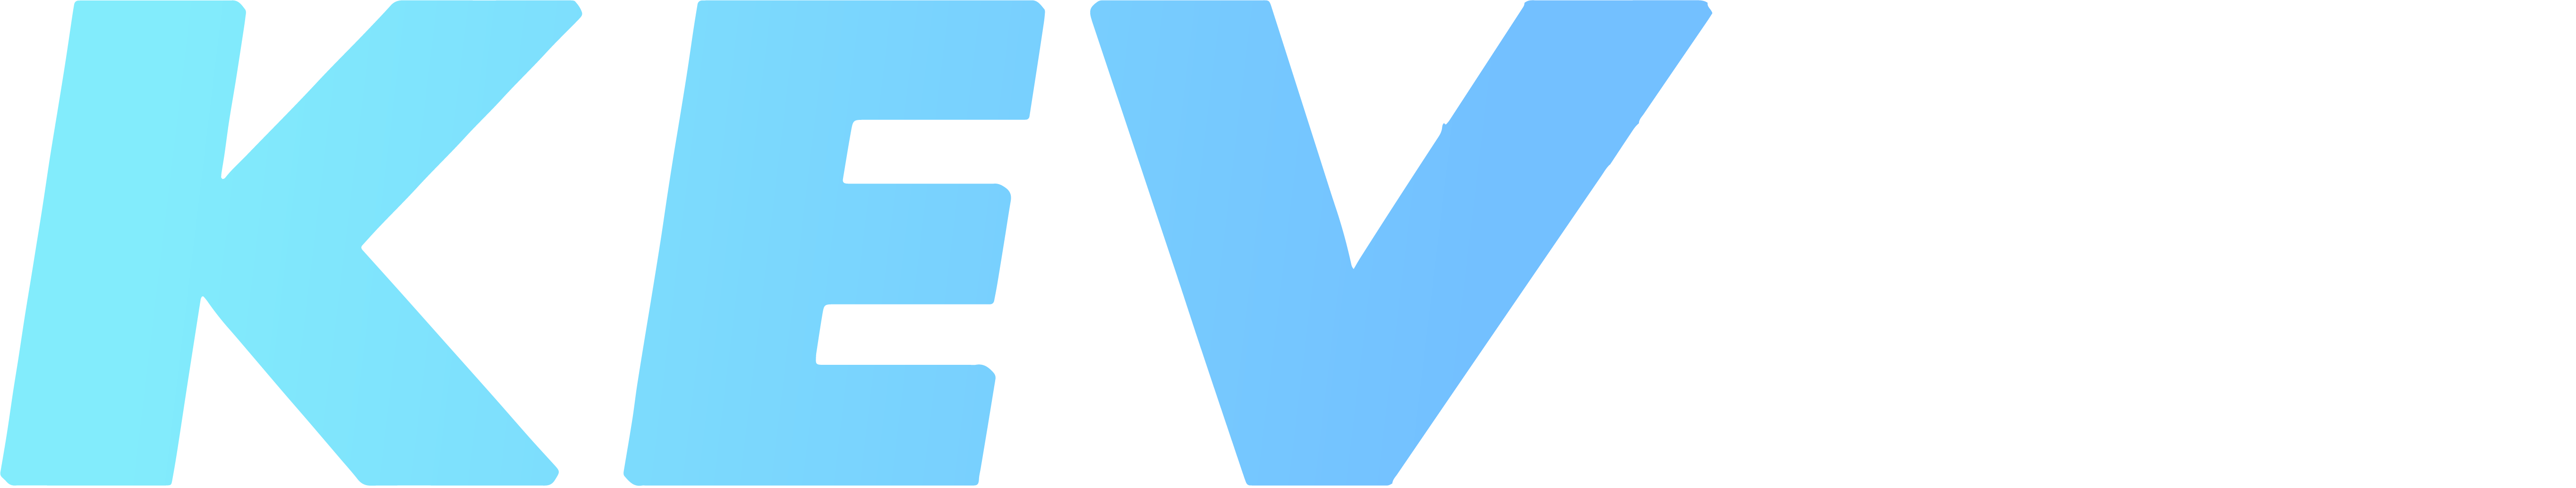 KevFit-logo